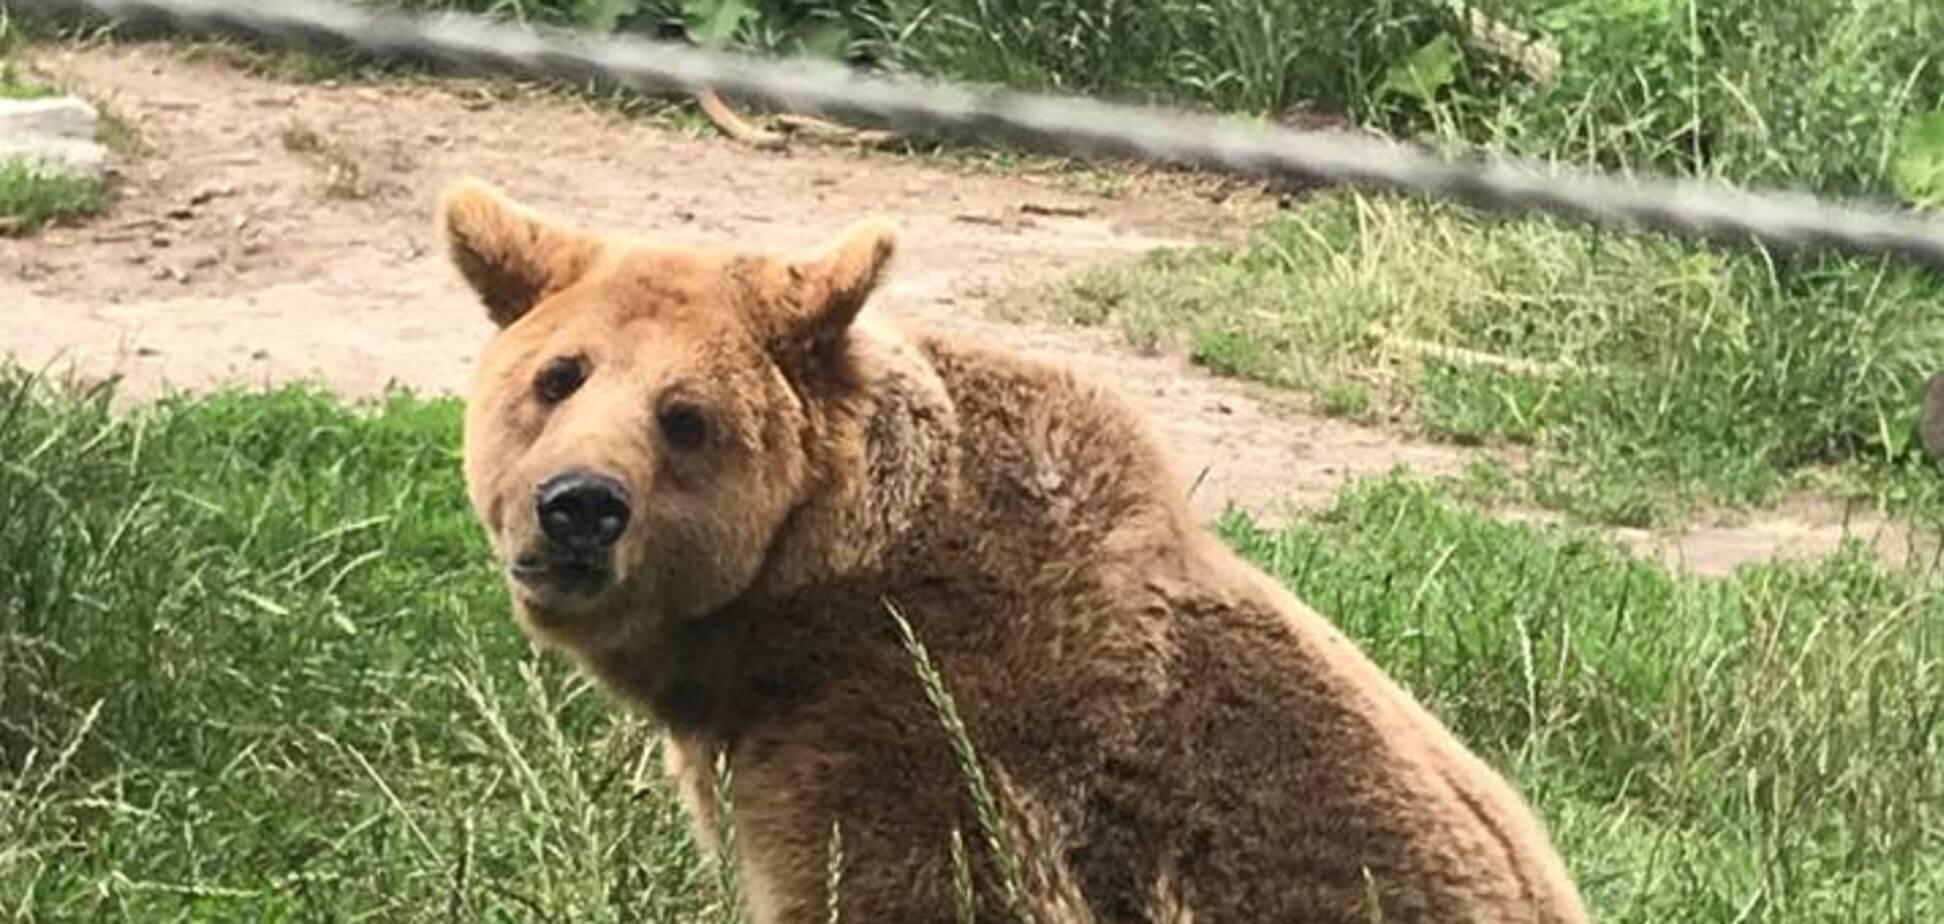 'Слезы наворачиваются': зоозащитник рассказал об уникальном приюте для медведей под Житомиром